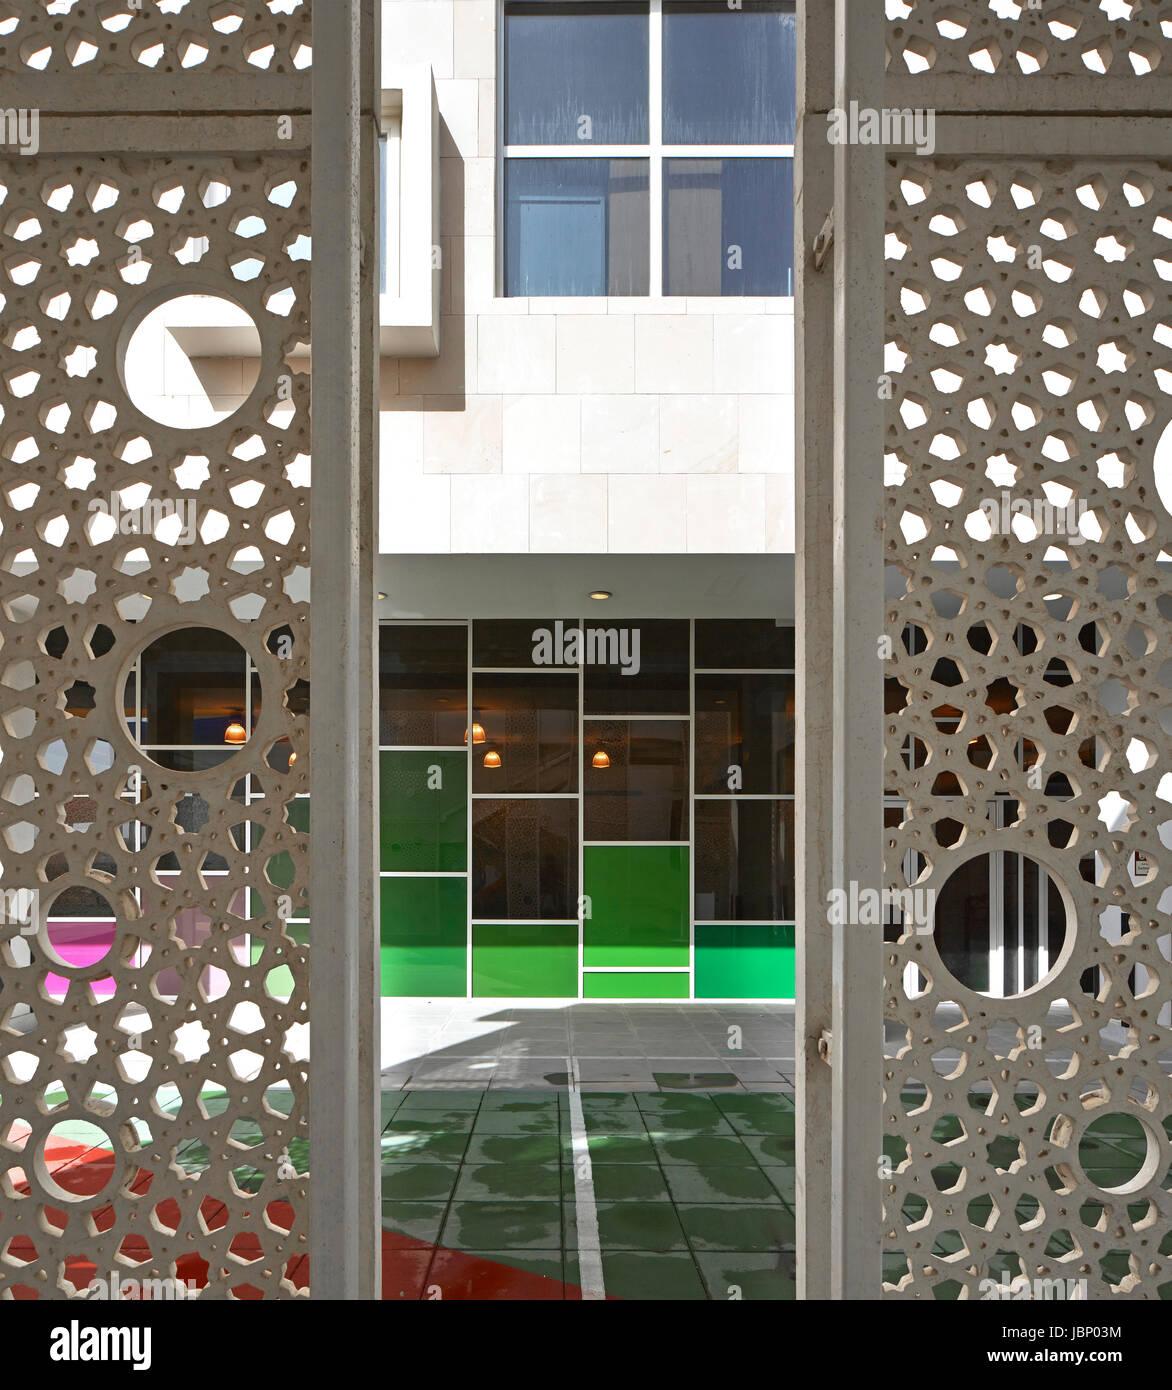 Suche Architekt auf der suche durch metall jali sieg höhen grundschule dubai